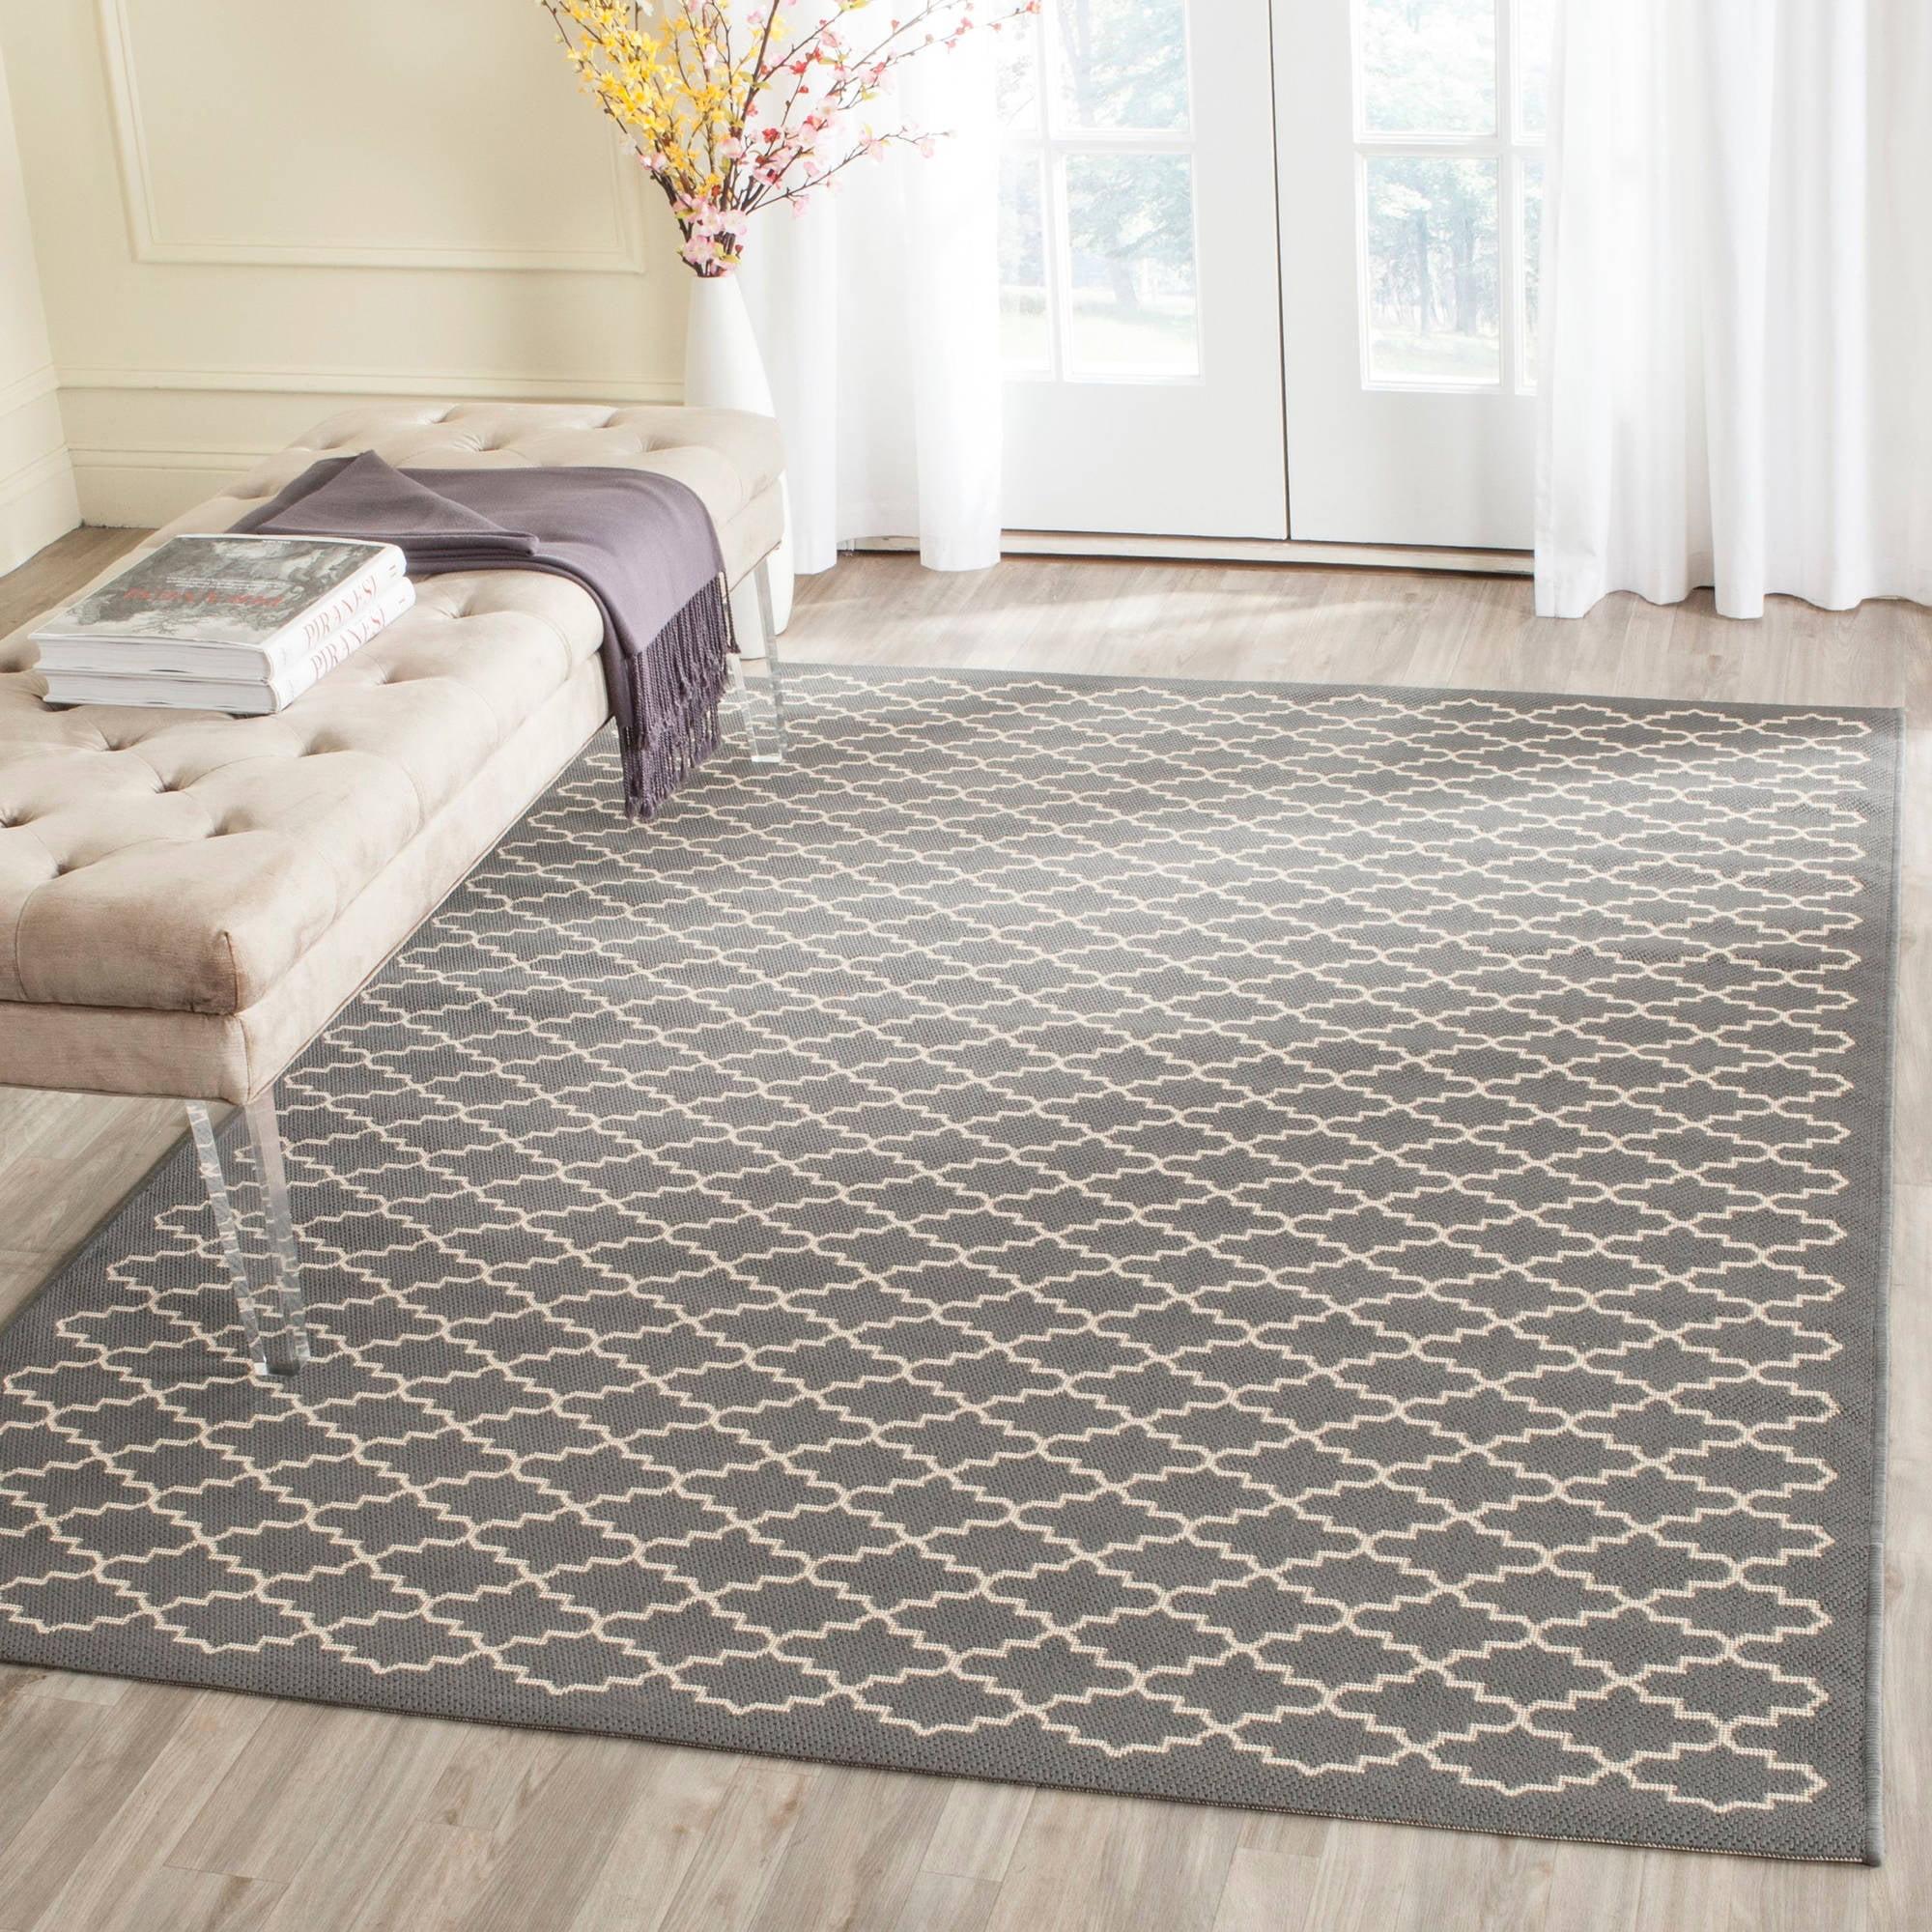 indoor outdoor rugs 9×12 | Roselawnlutheran